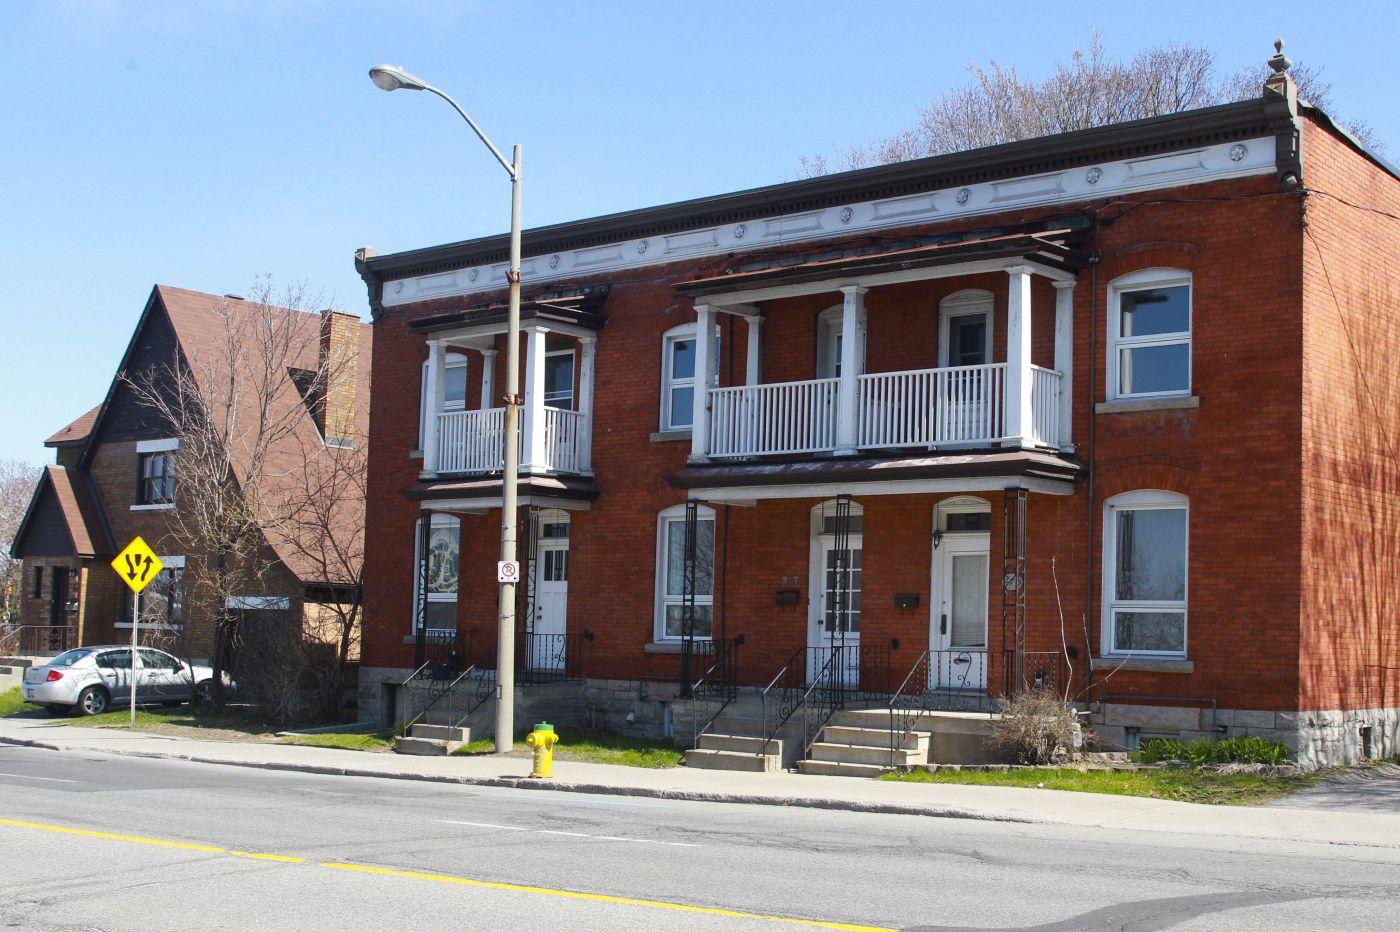 Photographie en couleur d'une maison en rangée à deux étages, à toit plat, en brique. La maison compte trois portes au rez-de-chaussée, surplombées de petits balcons. À sa gauche, une maison individuelle, à deux étages.